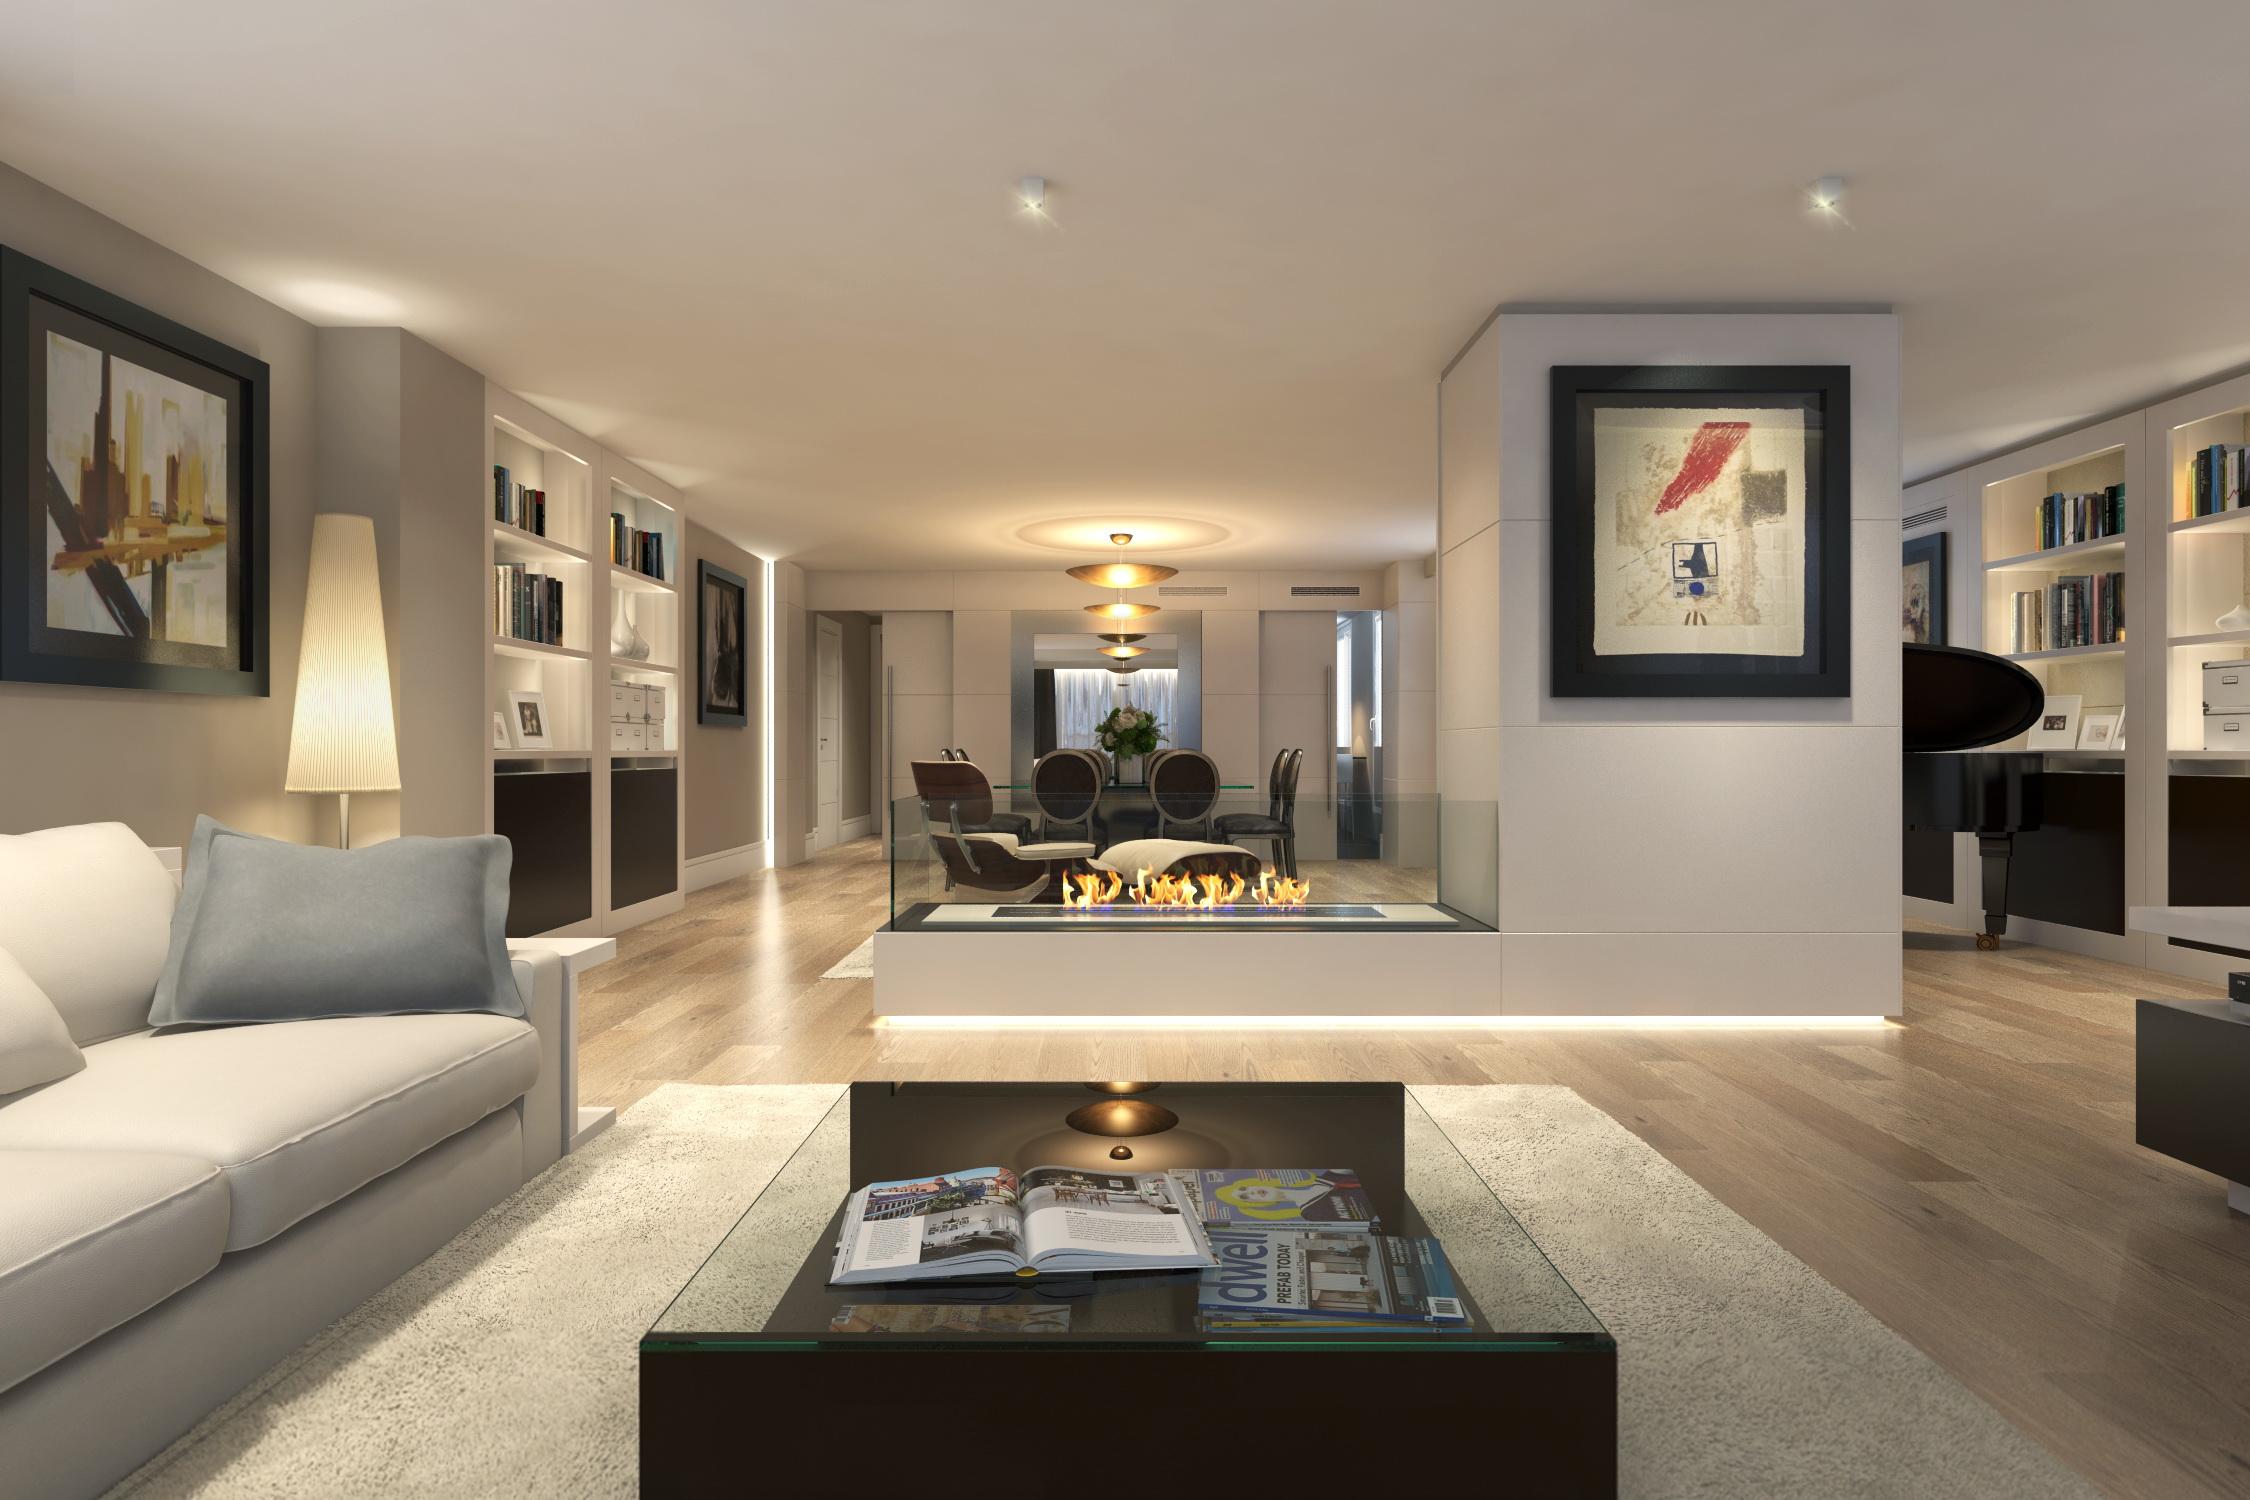 Venta de pisos de lujo en Madrid